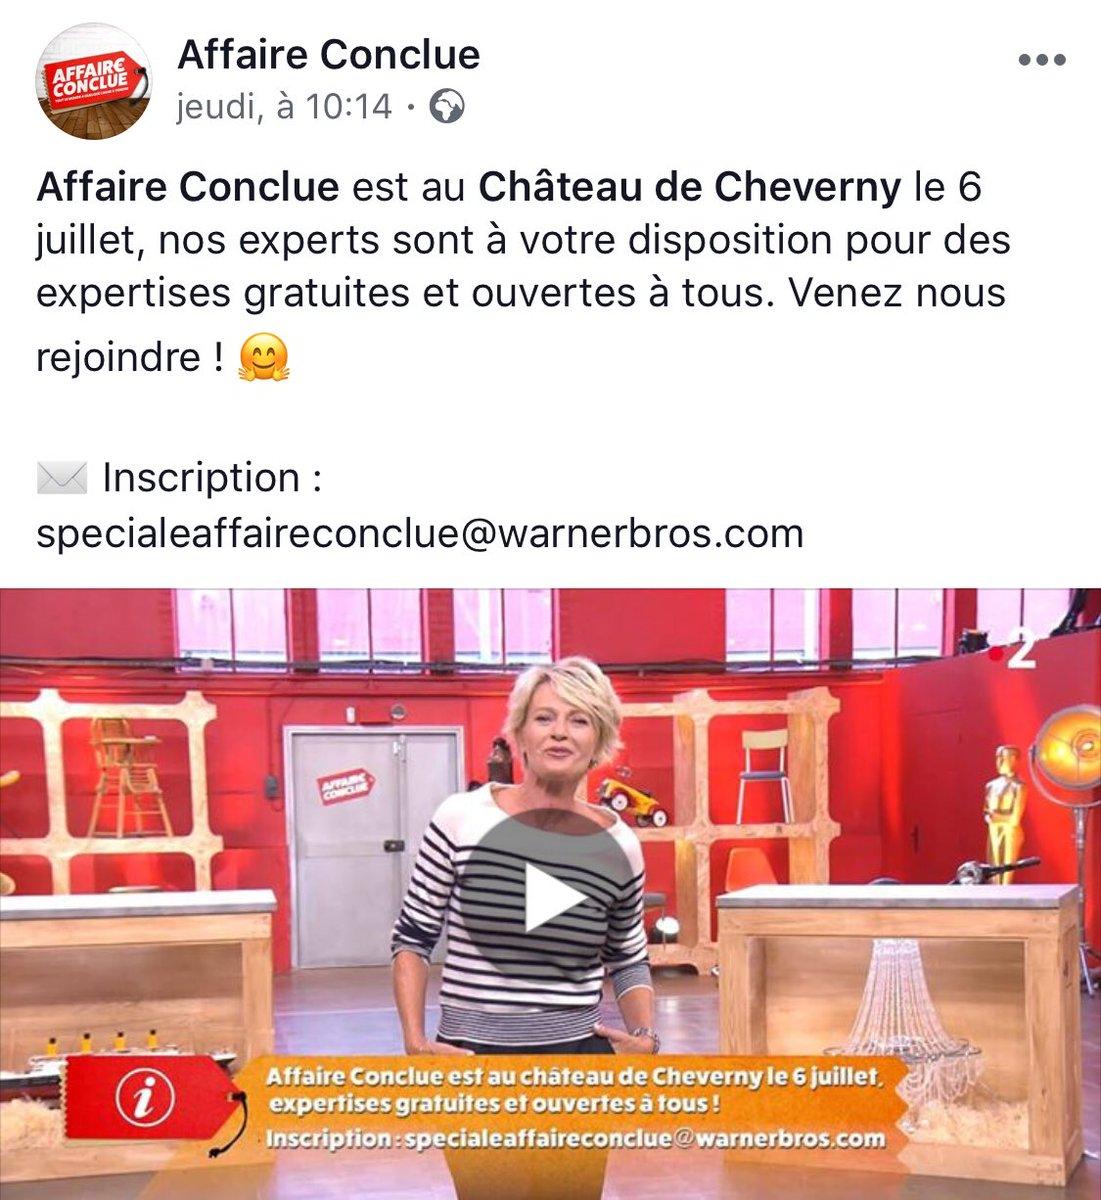 Rendez-vous le 6 juillet au #Château de #Cheverny avec #AffaireConclue et @sodavant !  On vous en dit plus dès vendredi !  https:// www.facebook.com/AffaireConclue/videos/387836378391986/  - FestivalFocus